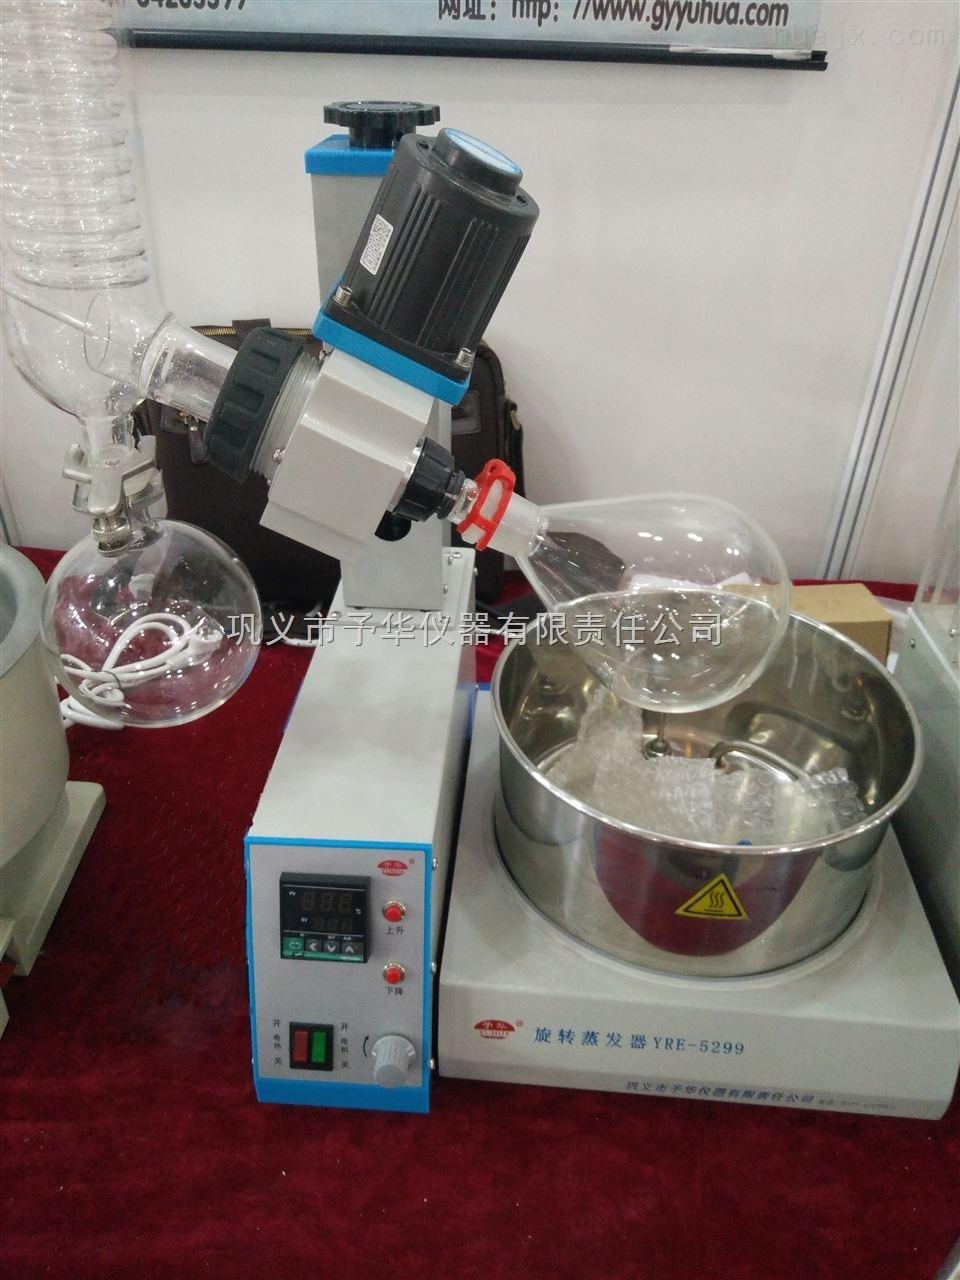 YRE-5299-旋转蒸发器首选巩义予华仪器,产品性能稳定